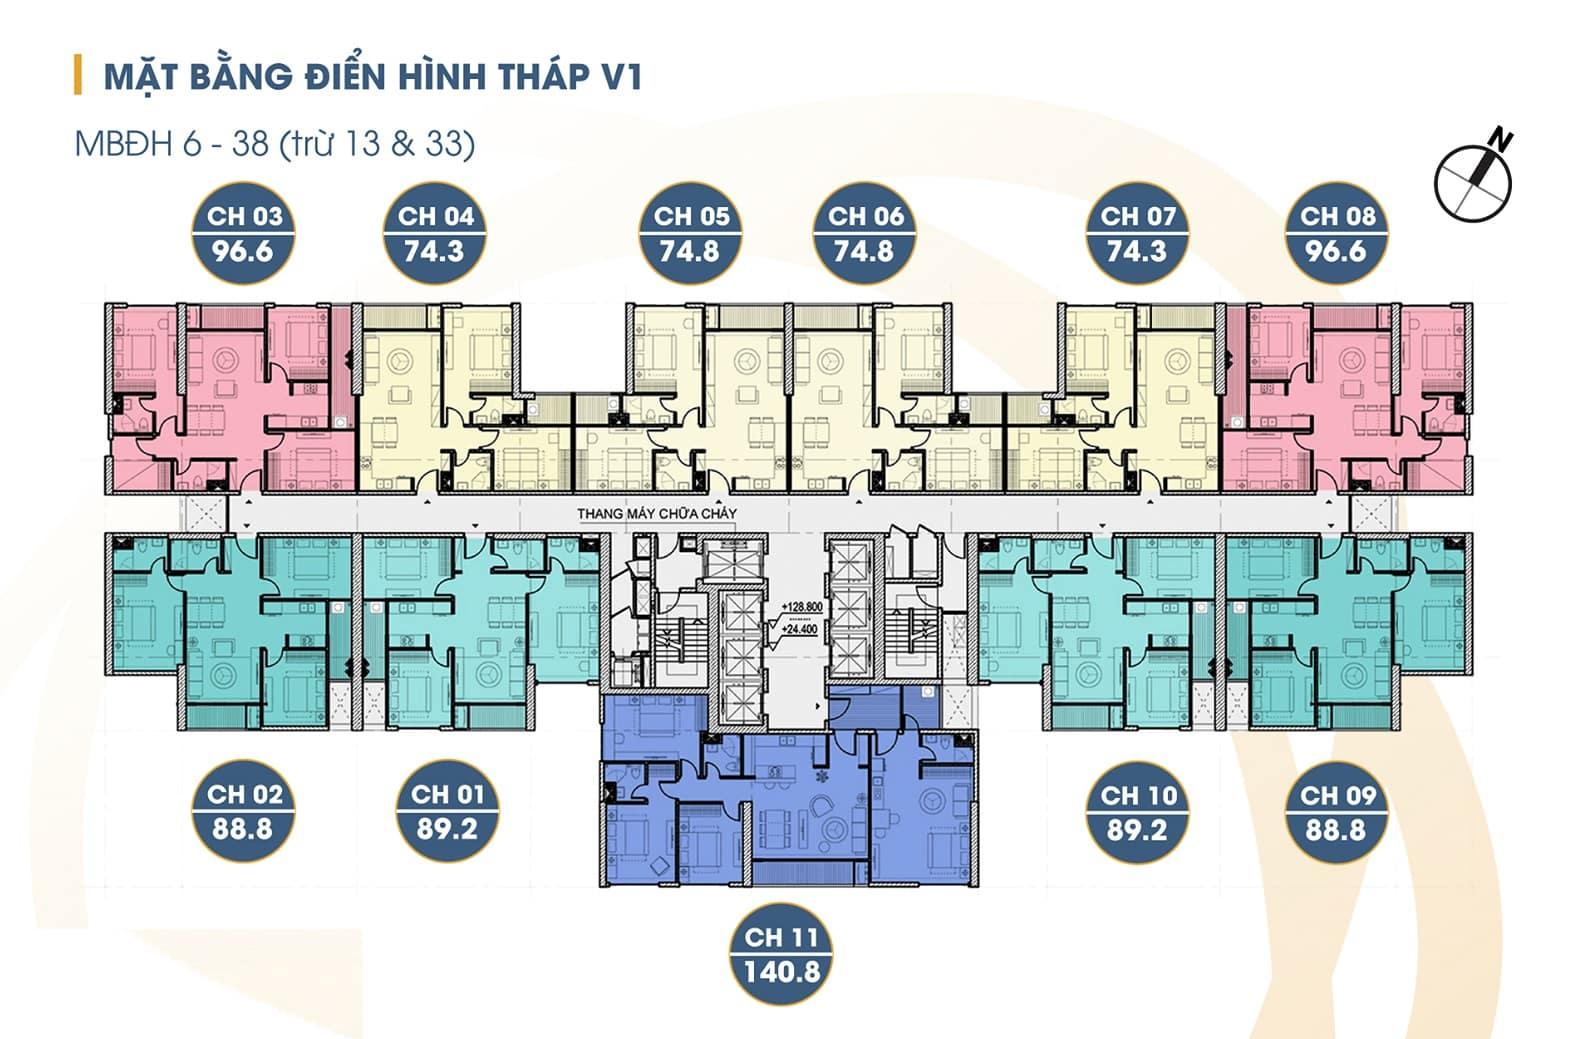 Mặt bằng tòa V1 Chung cư the Terra An Hưng (mở bán tháng 5 năm 2020)